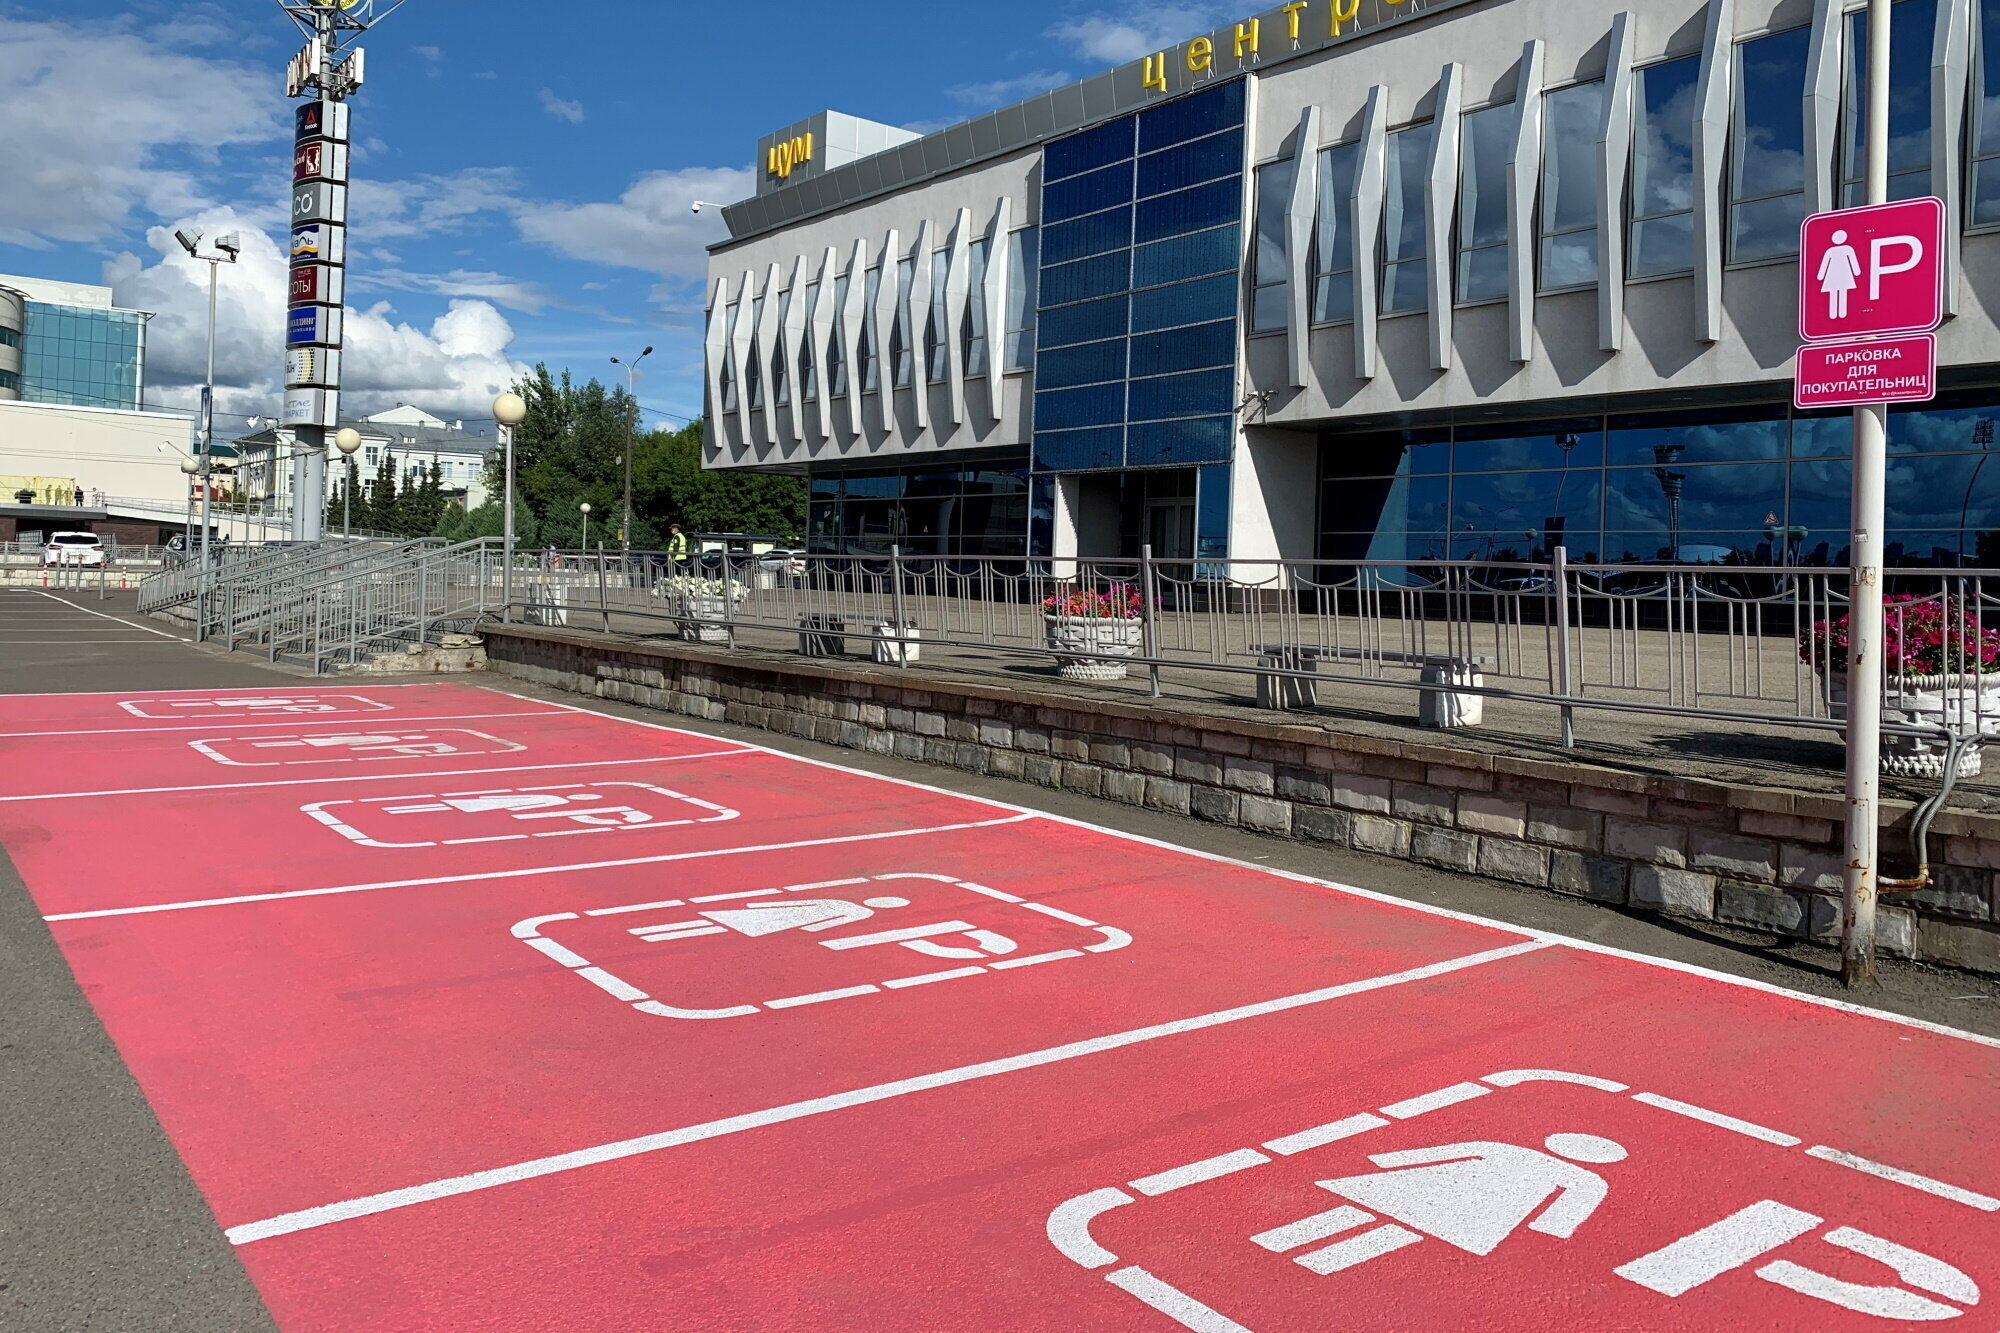 Розовая парковка для женщин в России.